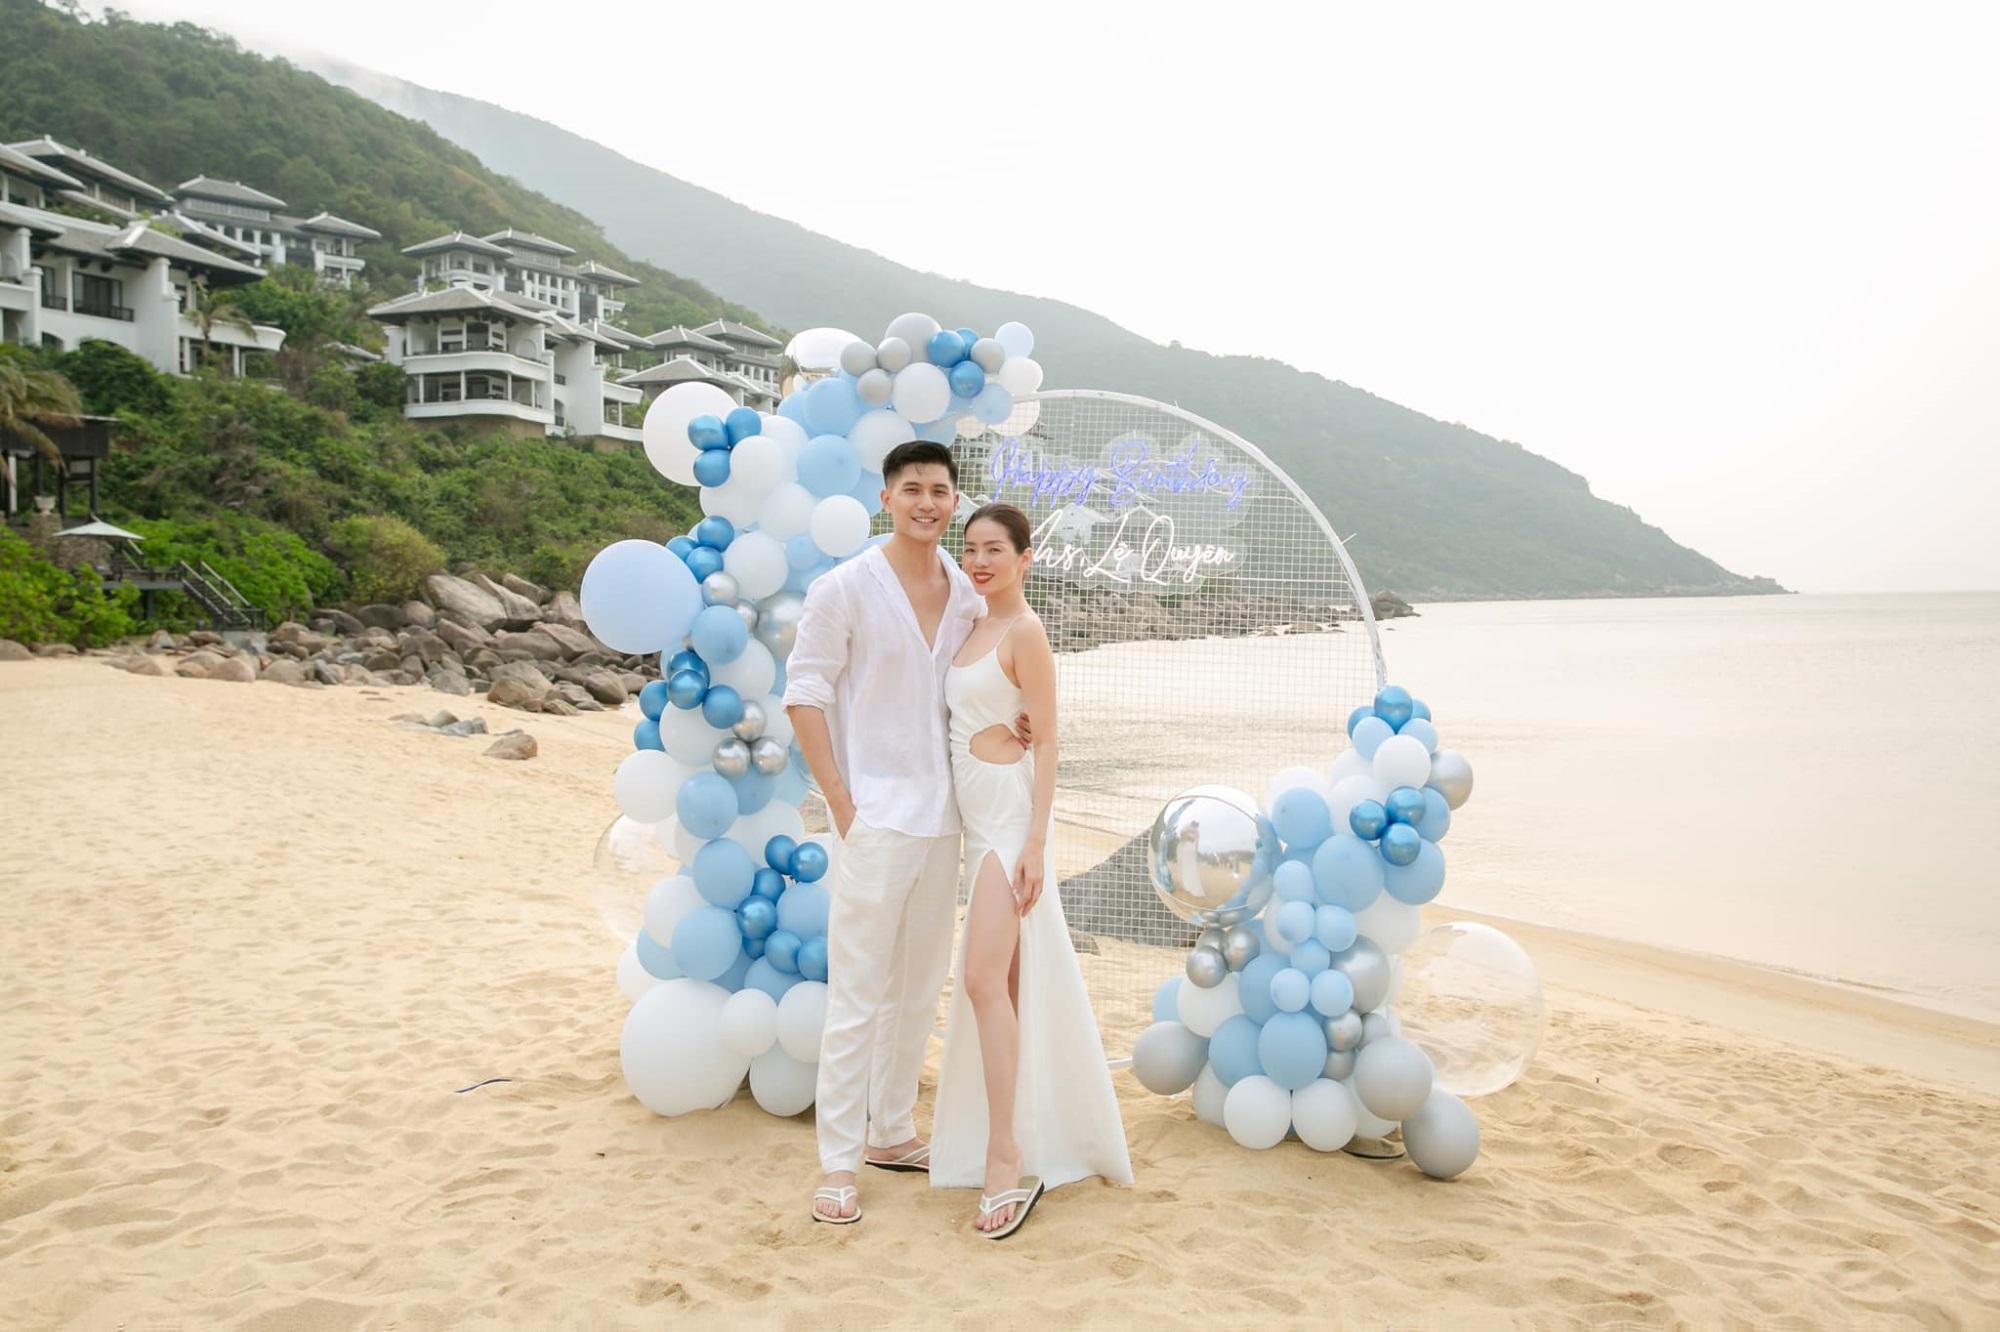 Hôn nhân tan vỡ, mỹ nhân Việt nên duyên cùng tình trẻ: Người được cưng chiều hết nấc, người kết hôn cùng 'phi công' kém 10 tuổi  - Ảnh 2